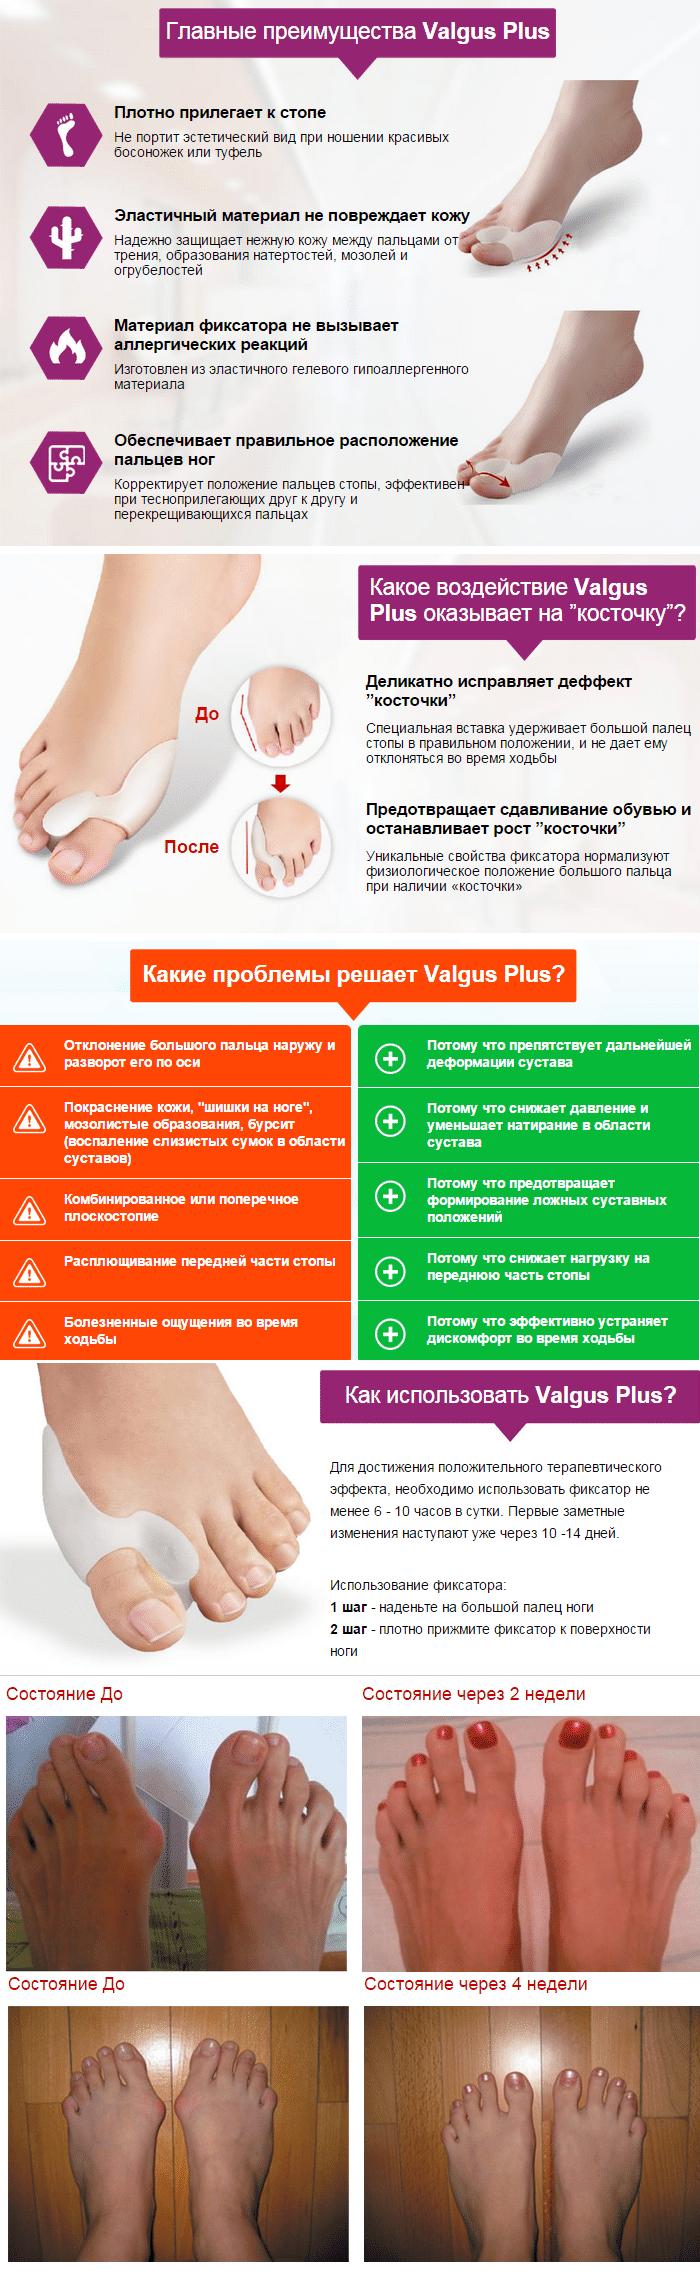 Фиксатор Valgus Plus